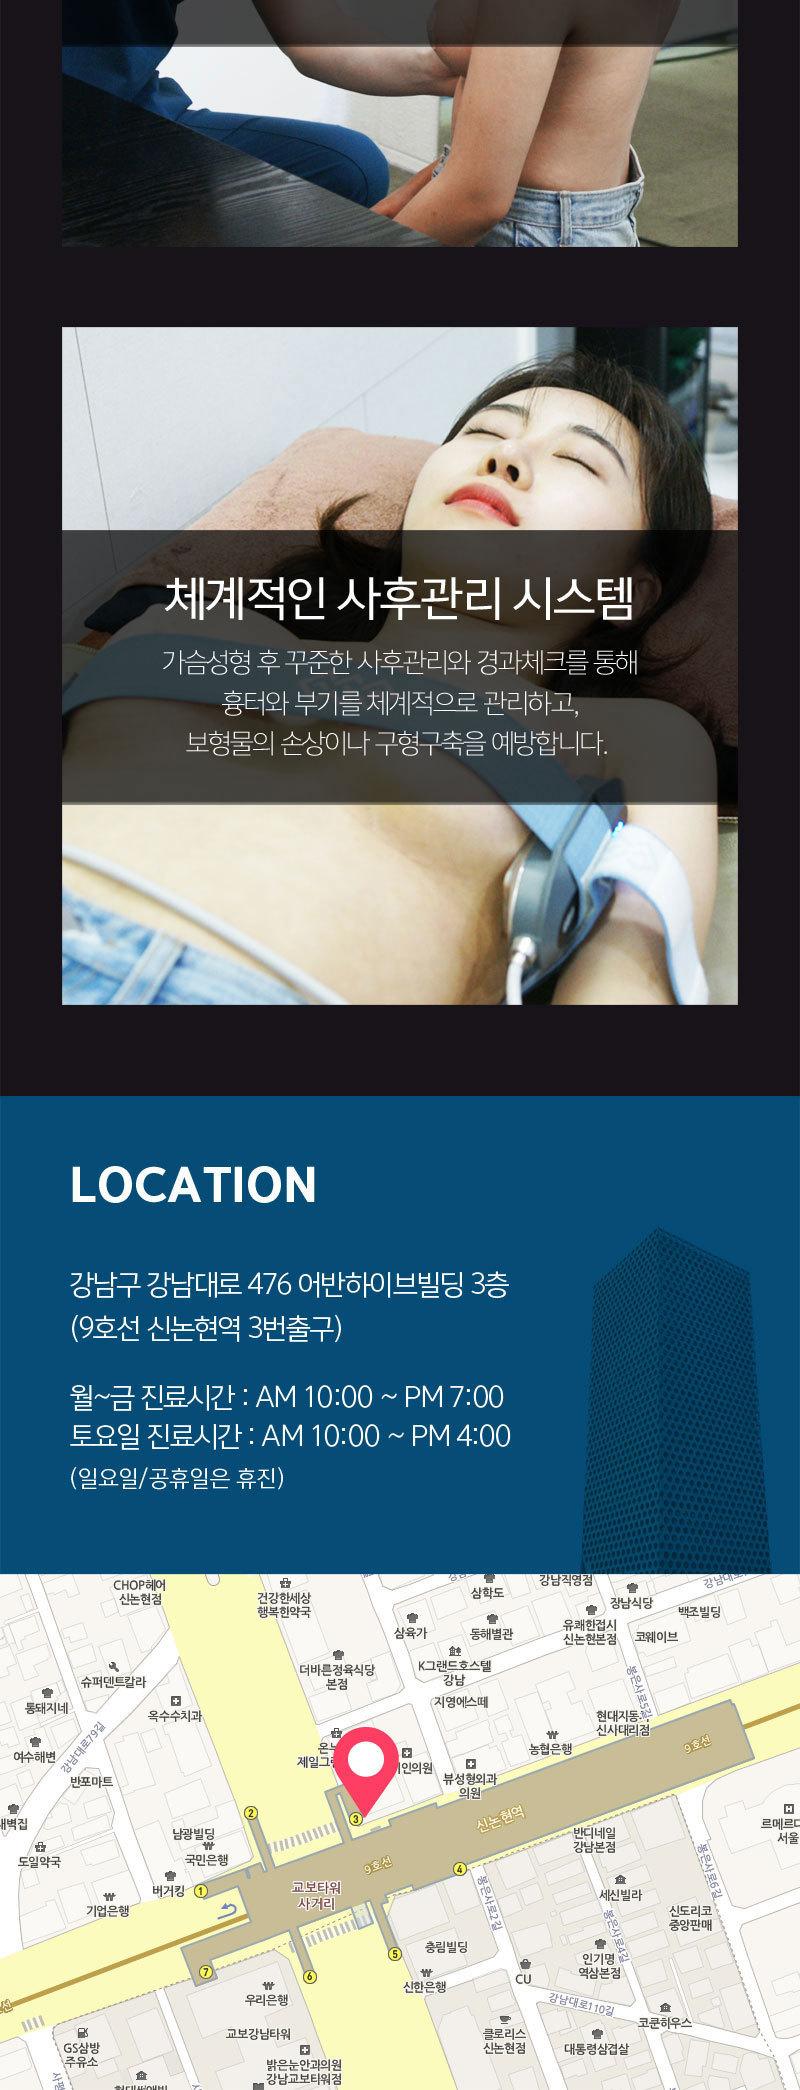 D event info d49c87f7d3ee0a04e0